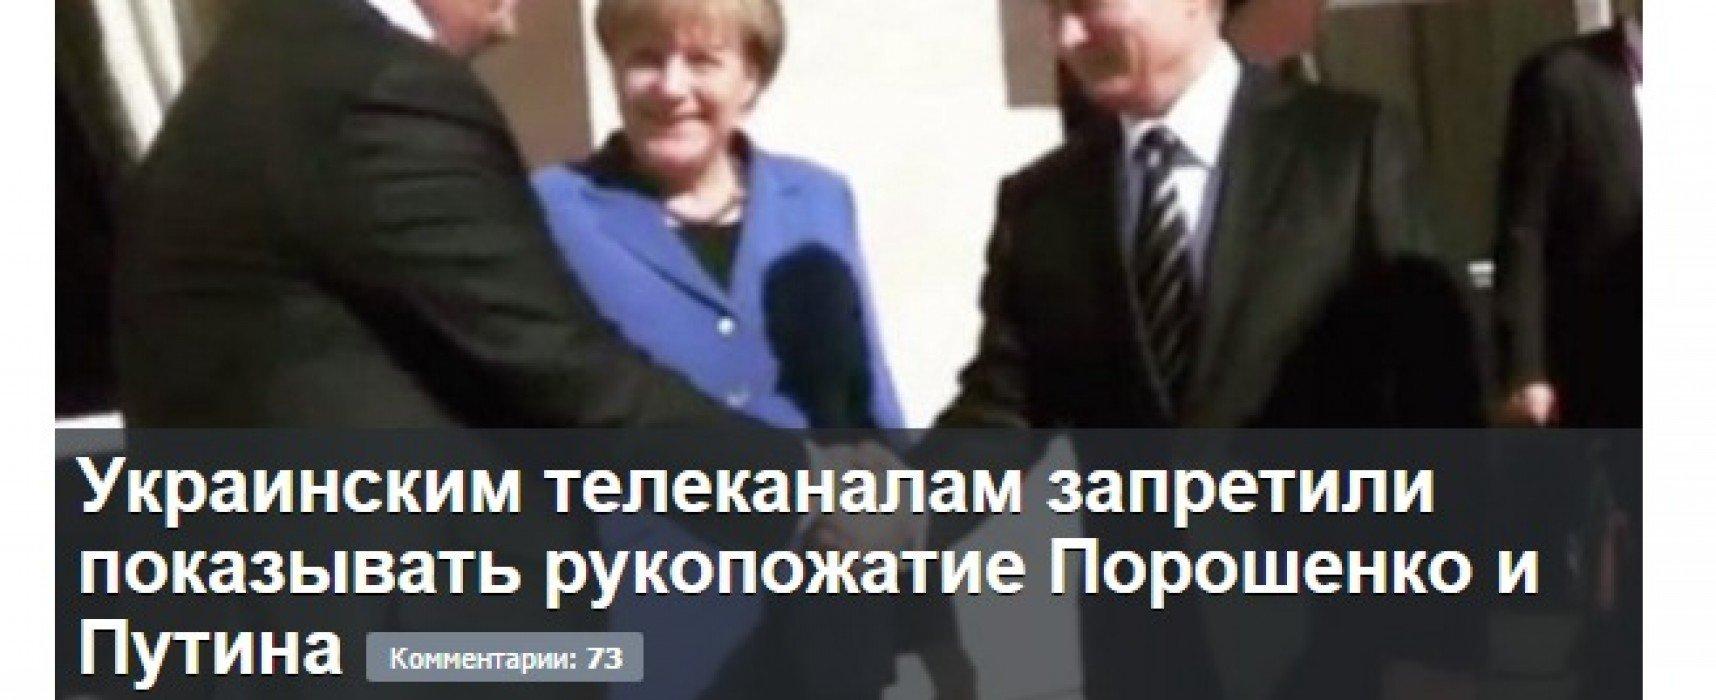 Фейк: на украинските канали е забранено да показват ръкостискането между Путин и Порошенко